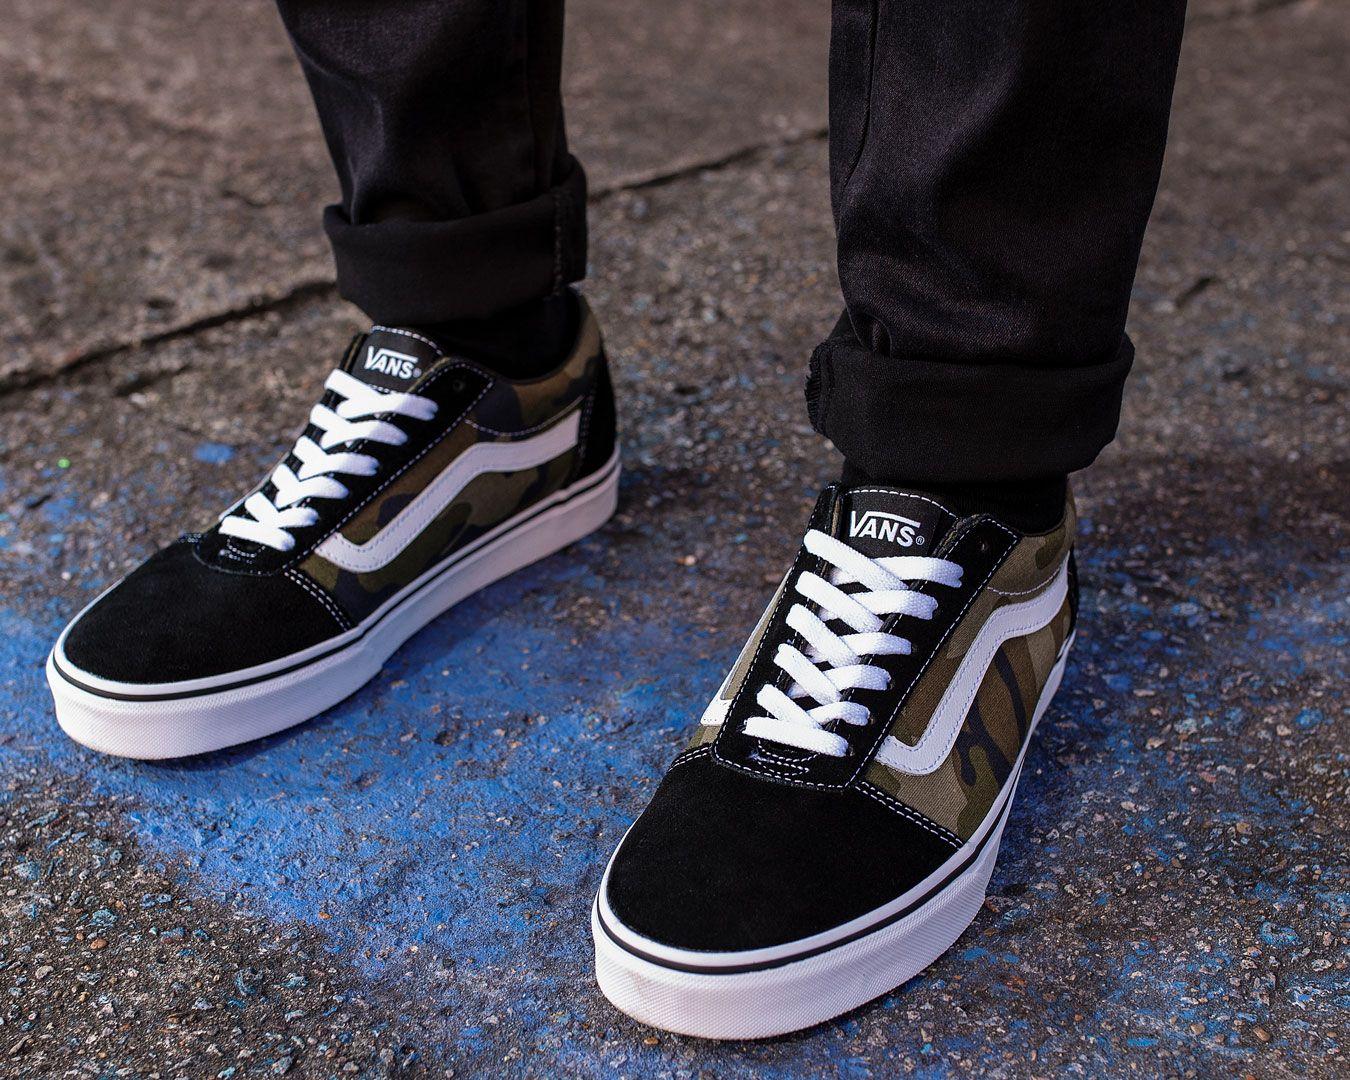 Vans Ward Shoes | Shoes web, Shoes